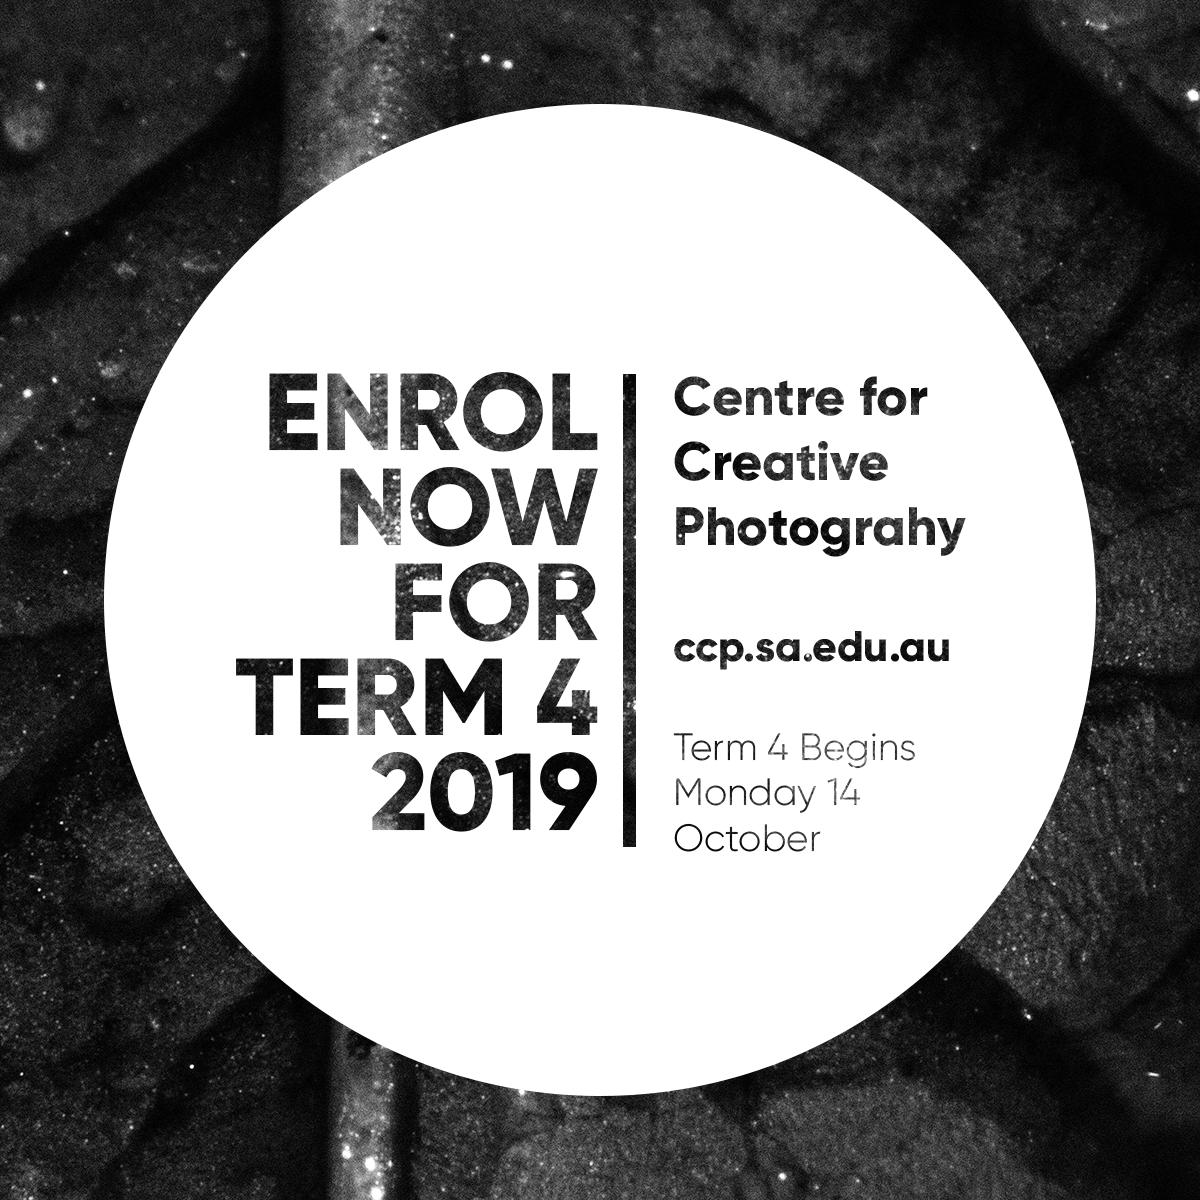 enrol now for term 4 ccp